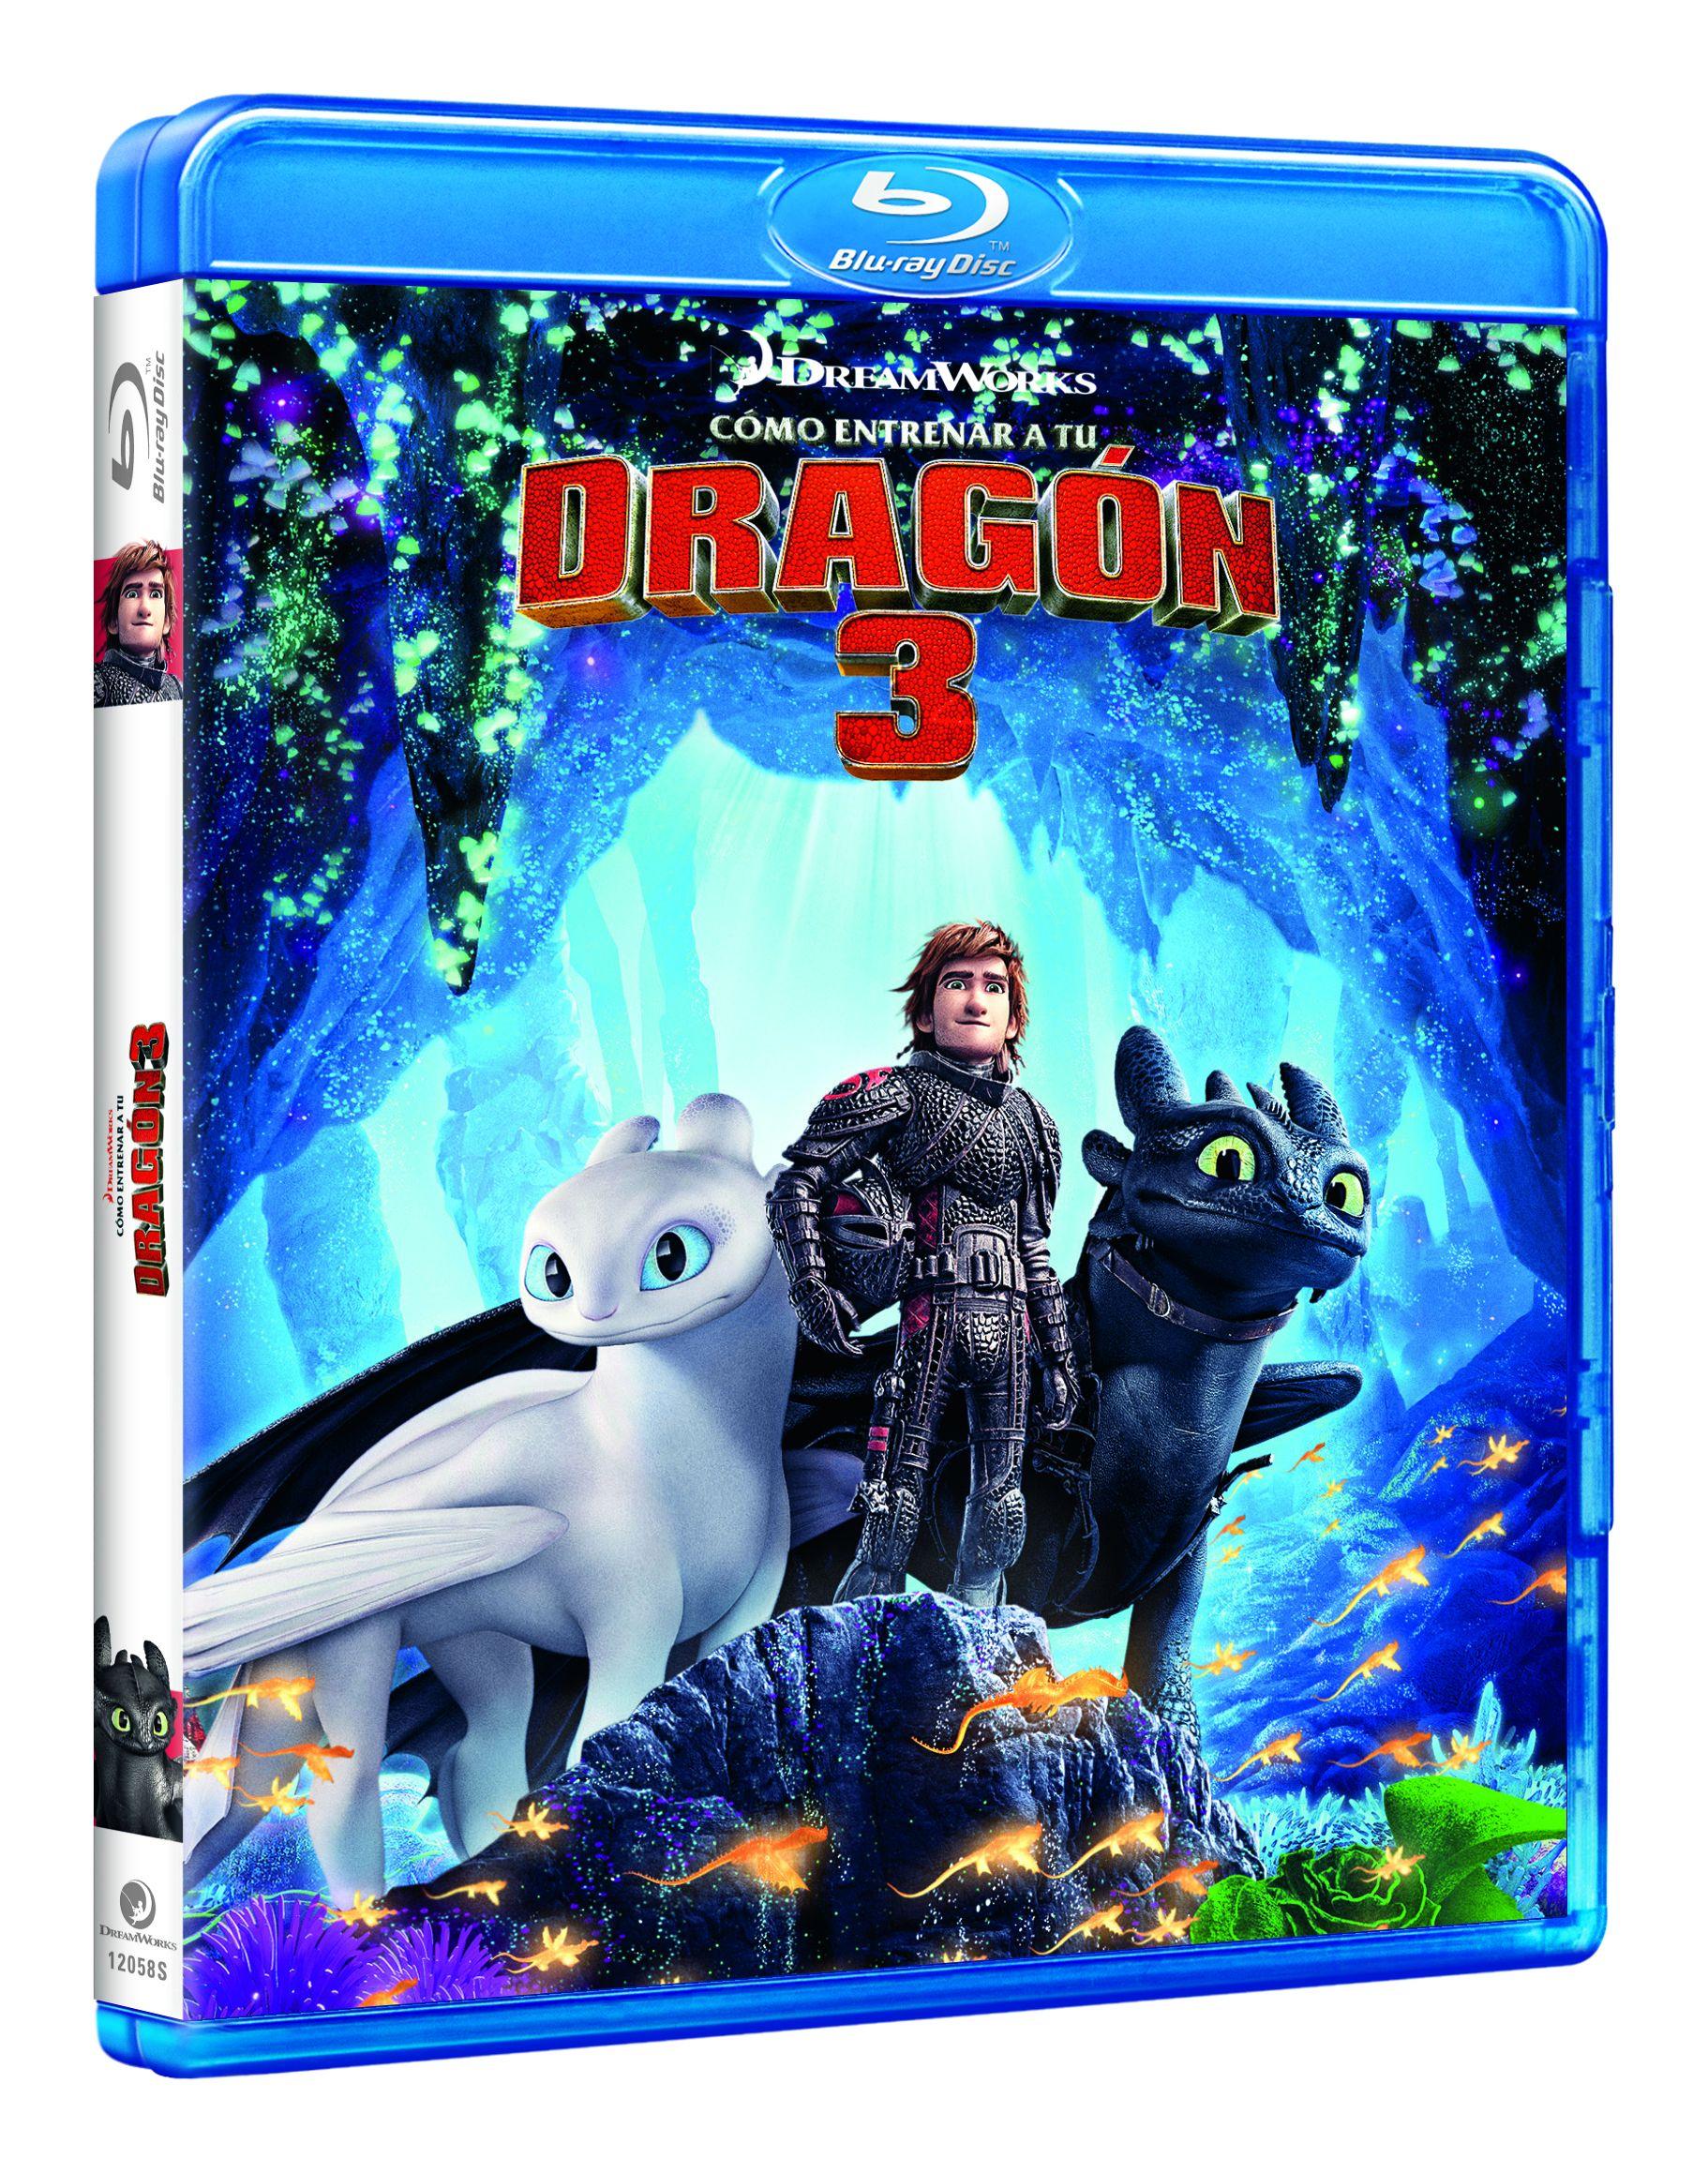 como entrenar a tu dragon 3 - blu ray --8414533120586